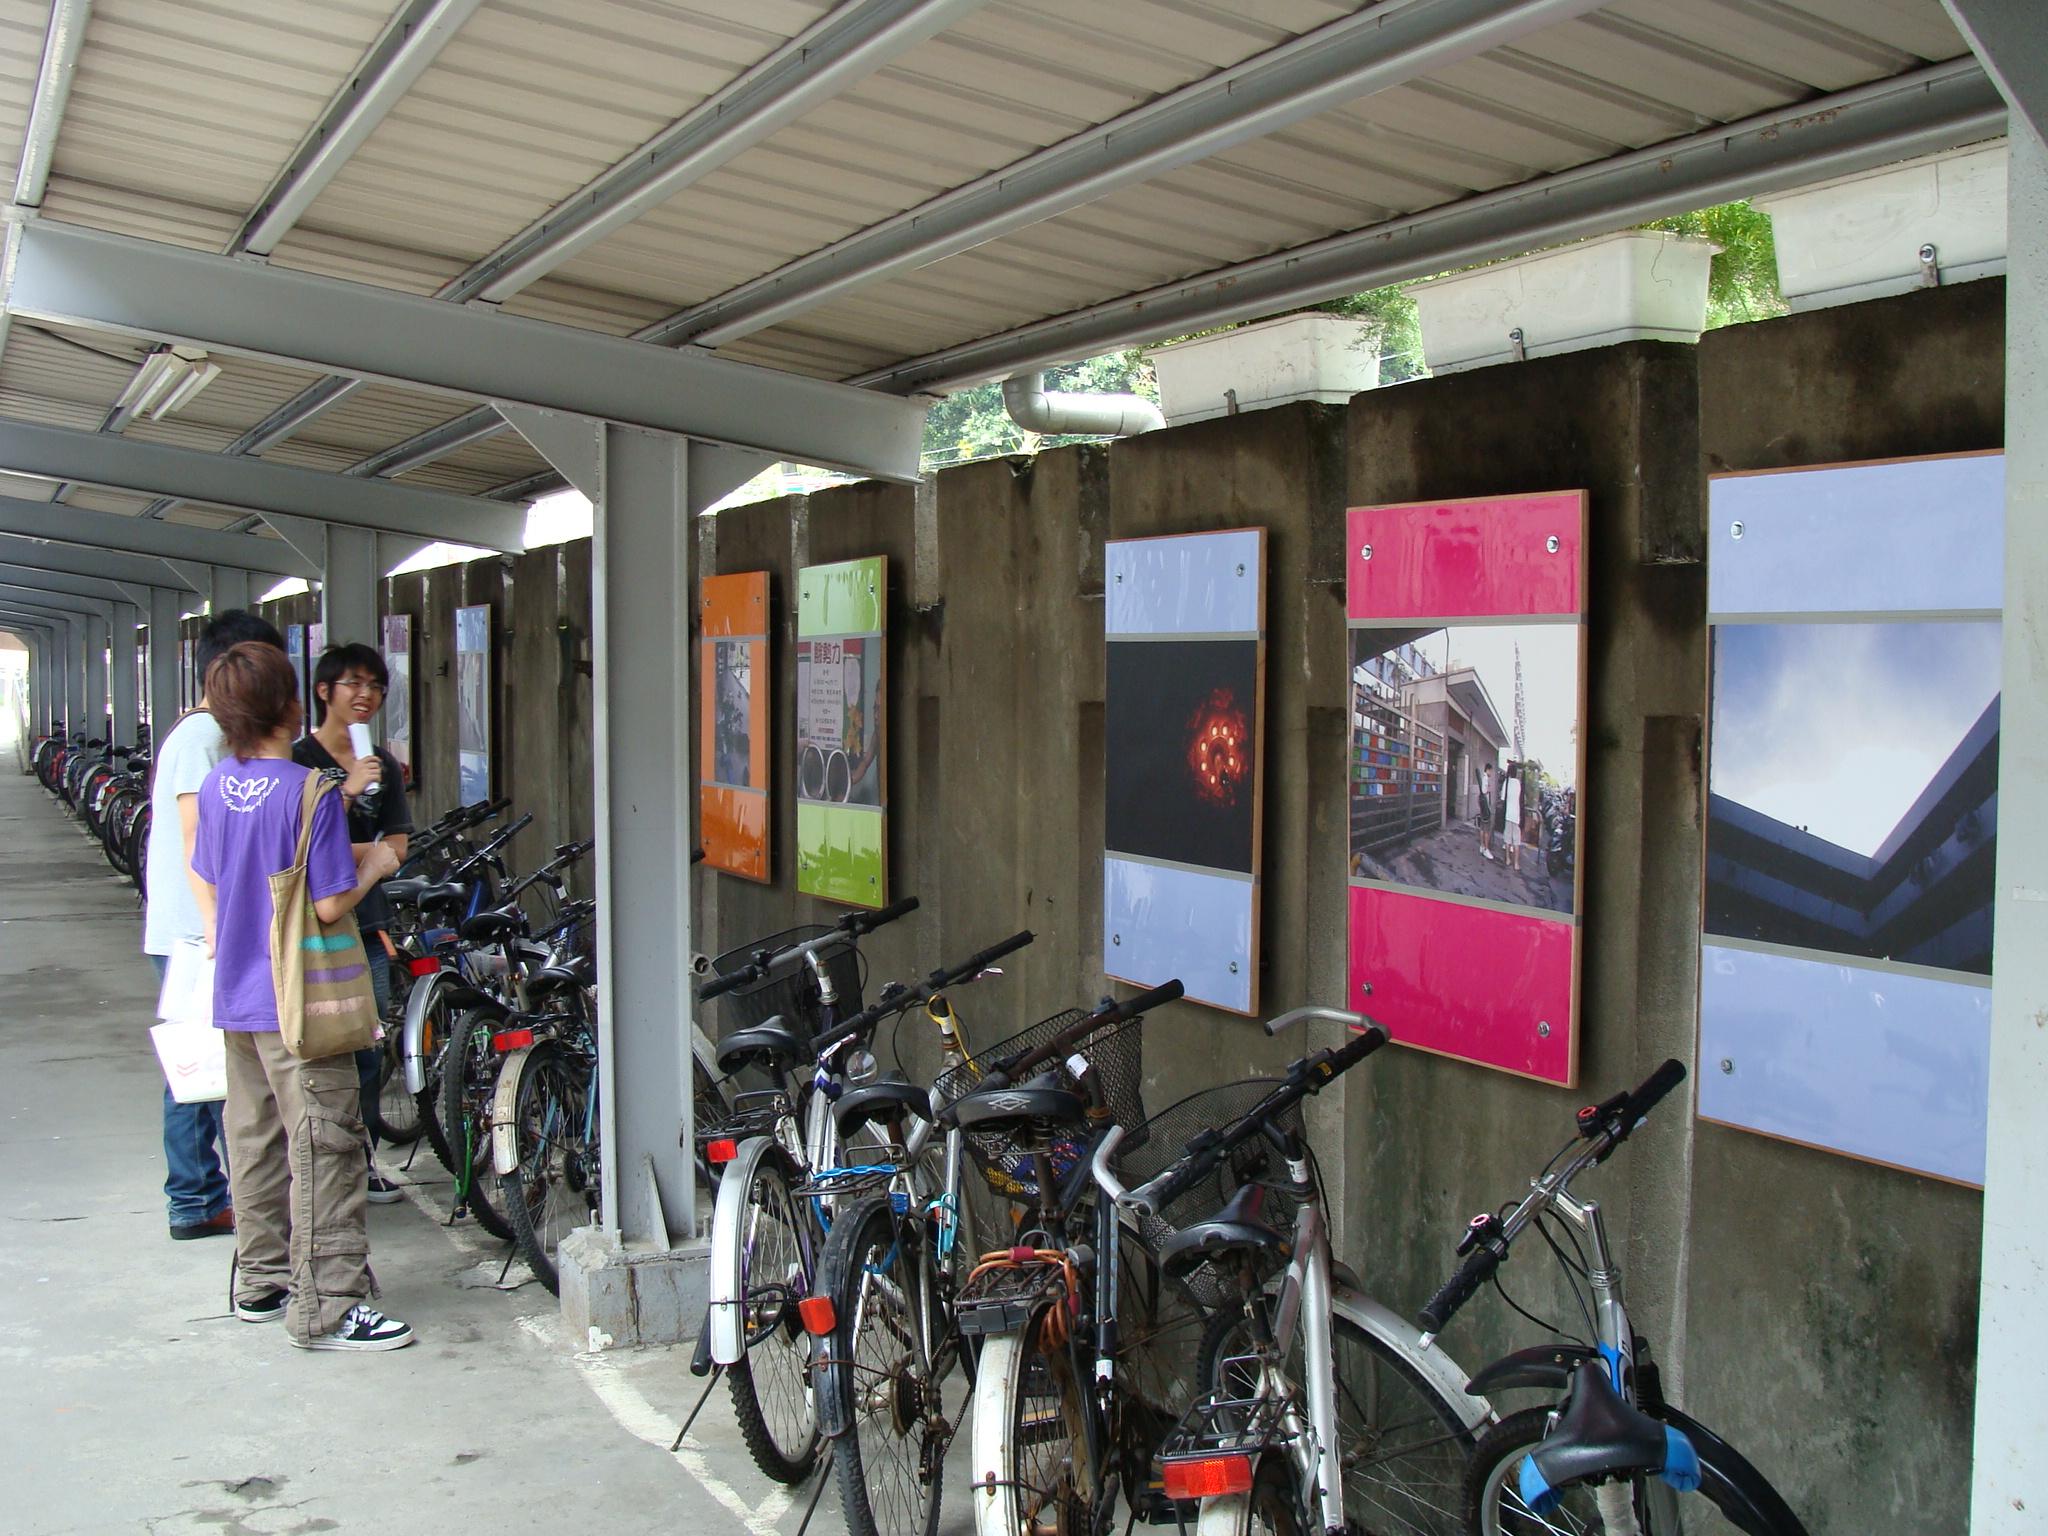 行動參與式設計 中原大學宿舍車廊變藝廊